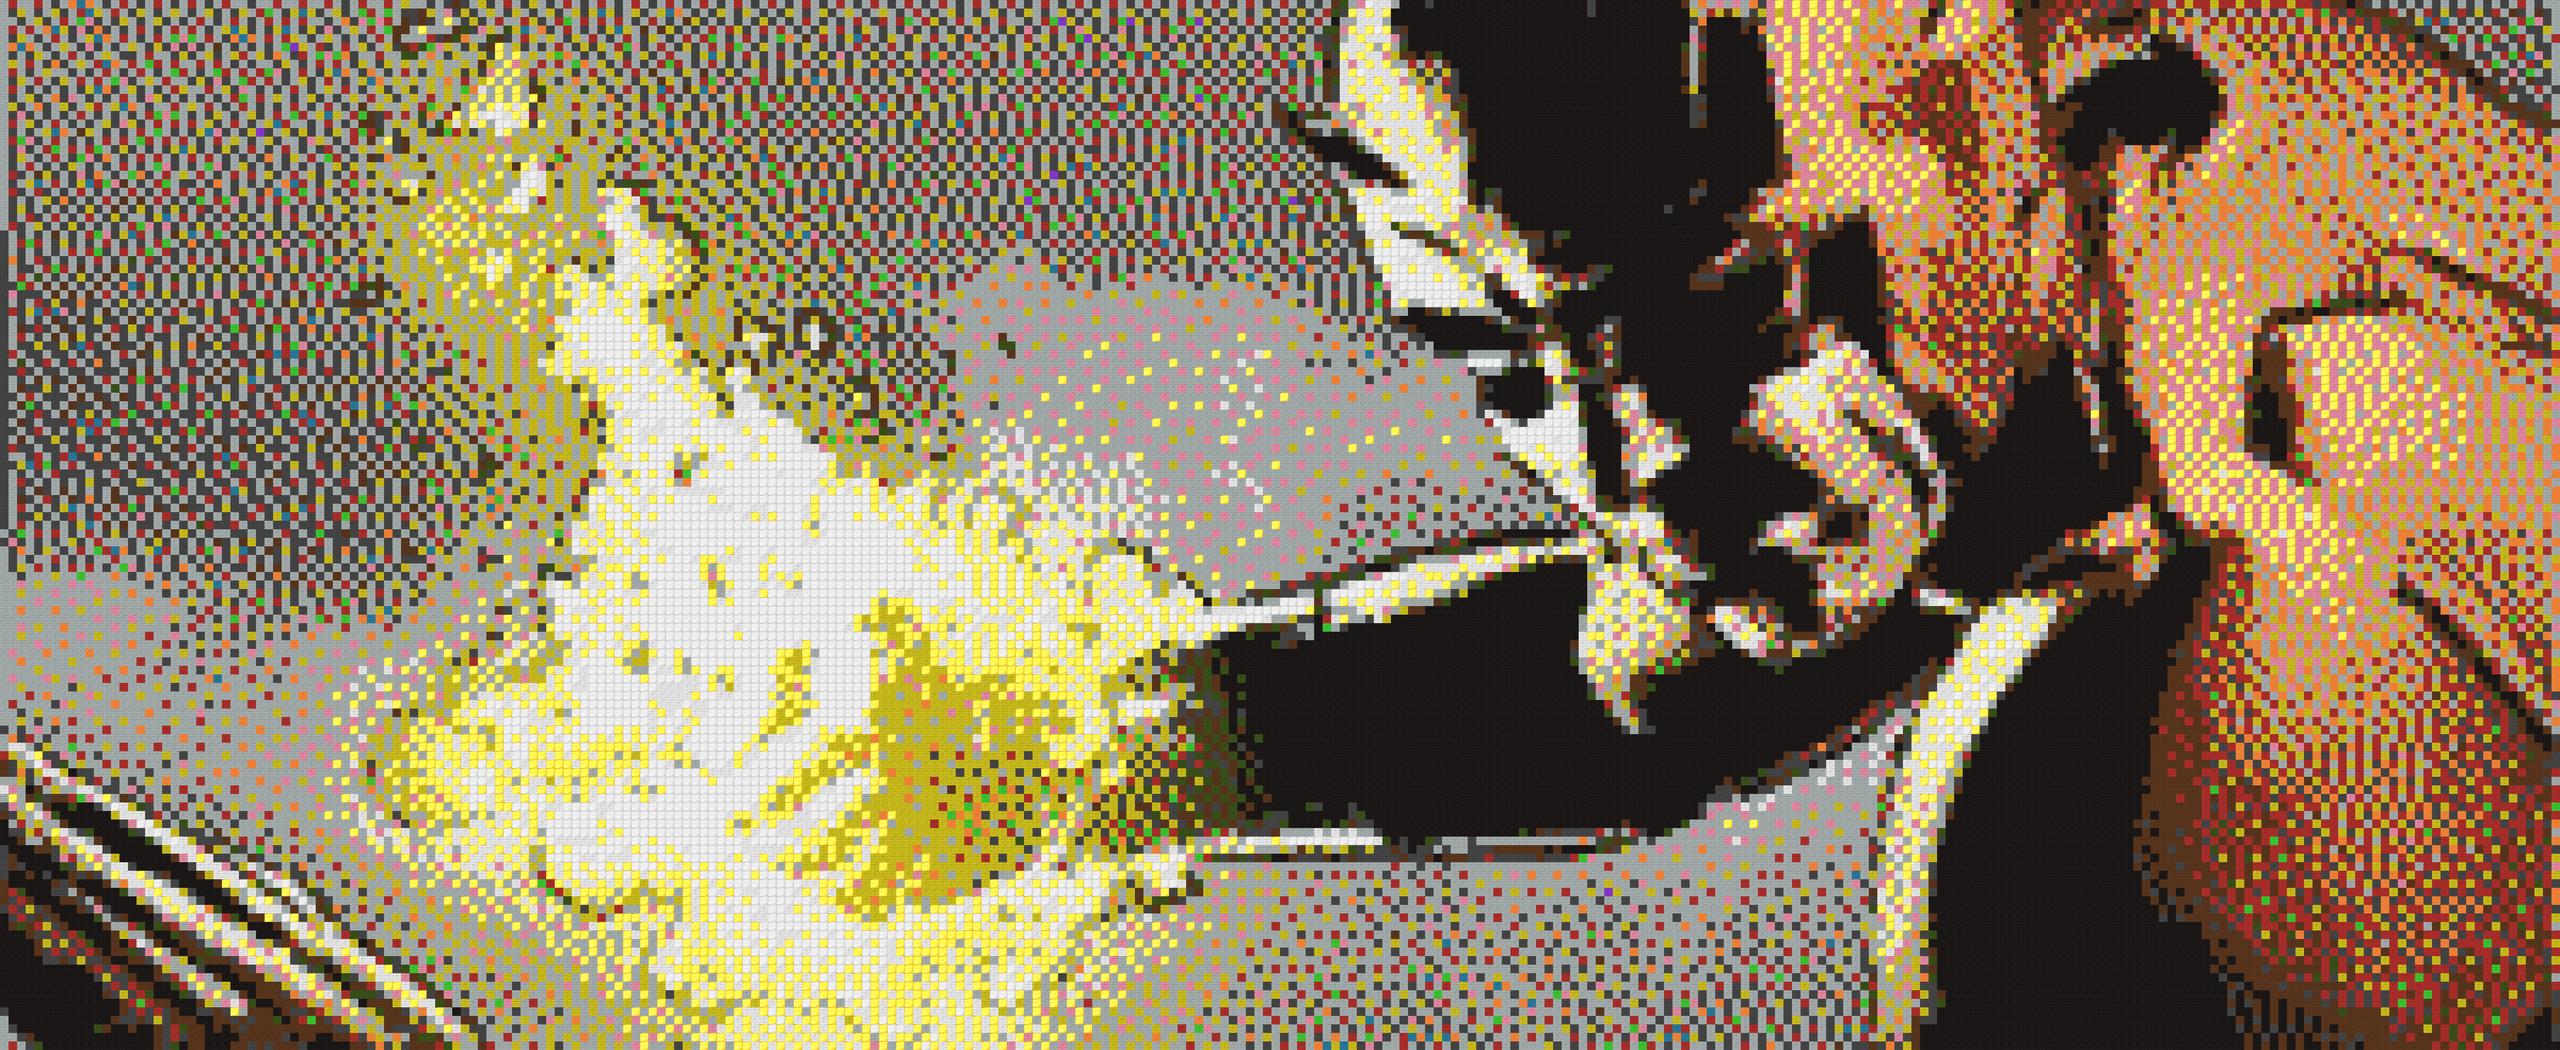 Cool Wallpaper Minecraft Gold - daredevil-schematics-minecraft-schematics-29497766-2560-1050  You Should Have_30812.png